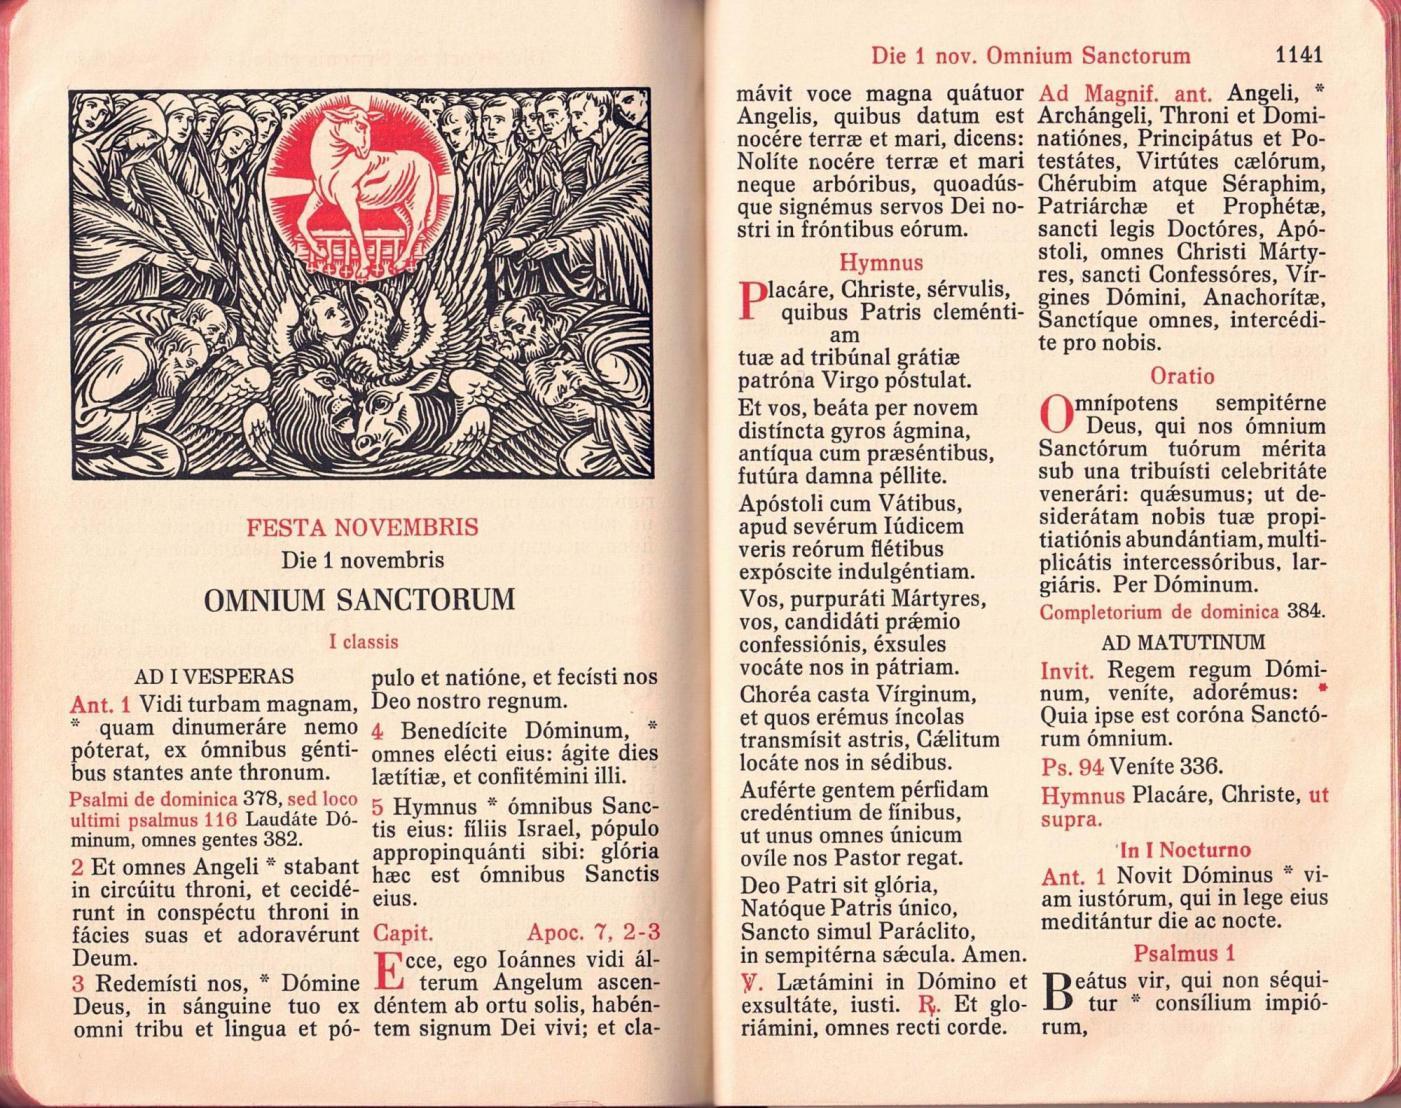 PustetBreviarium1961_Omnium Sanctorum.jpg